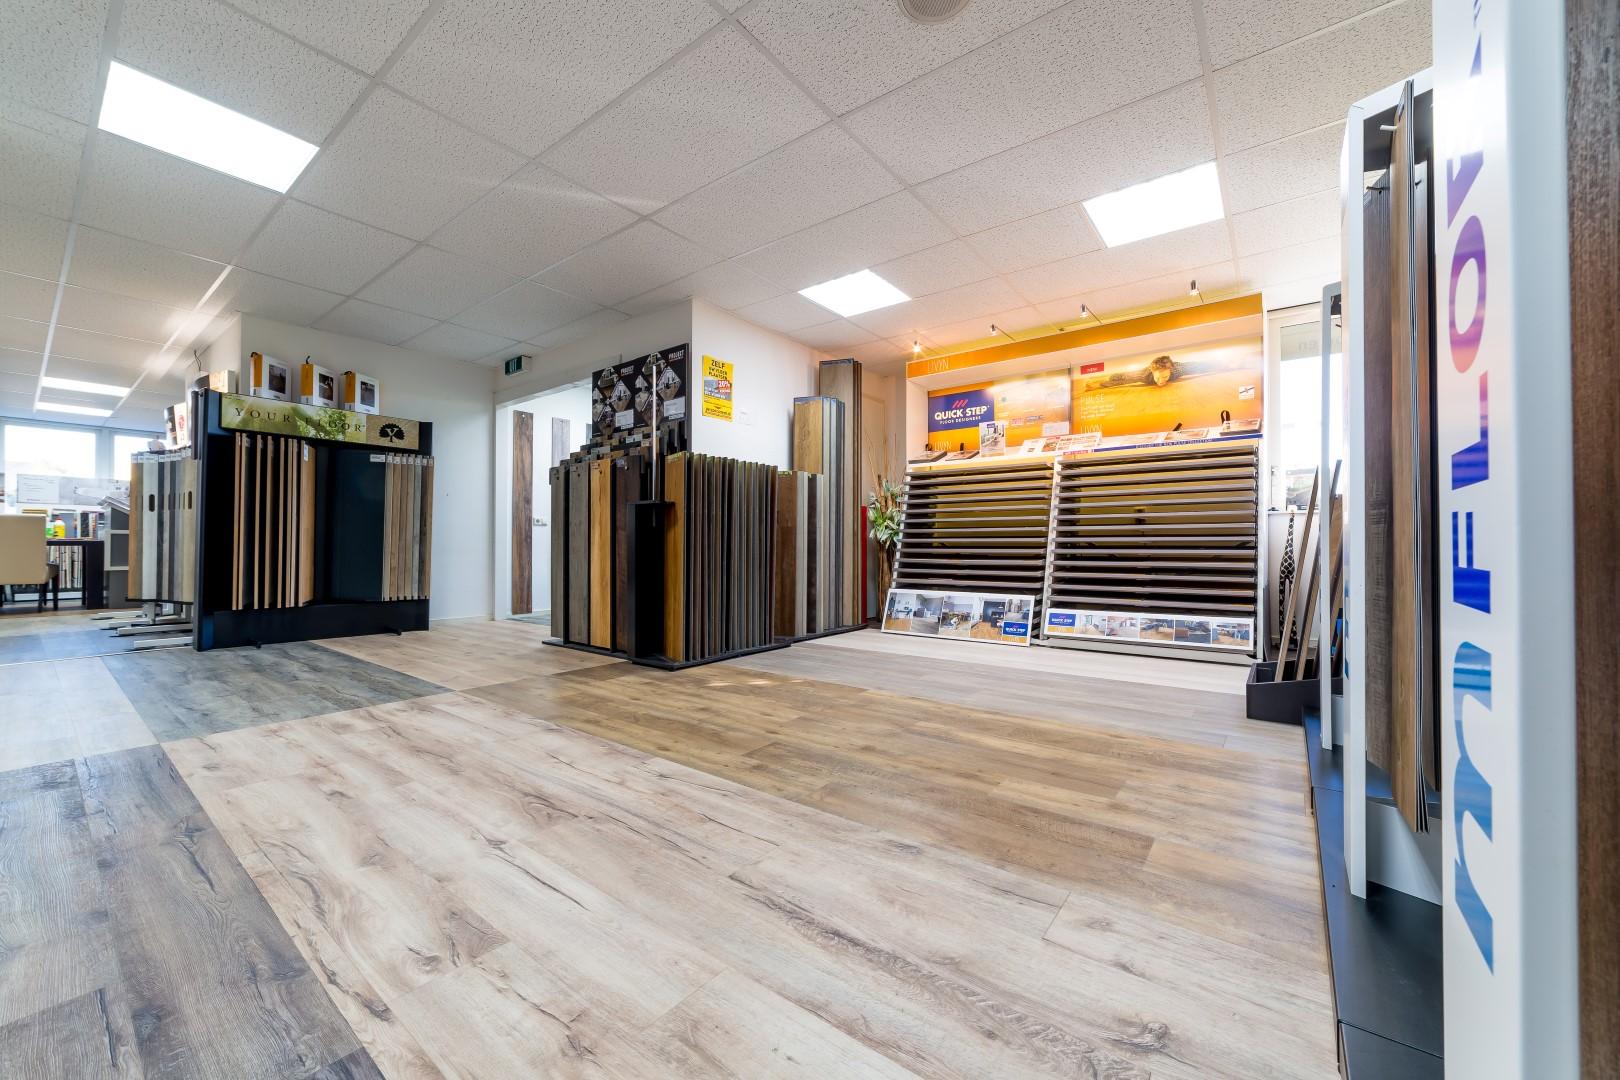 Wat zijn de voordelen van een PVC vloer?